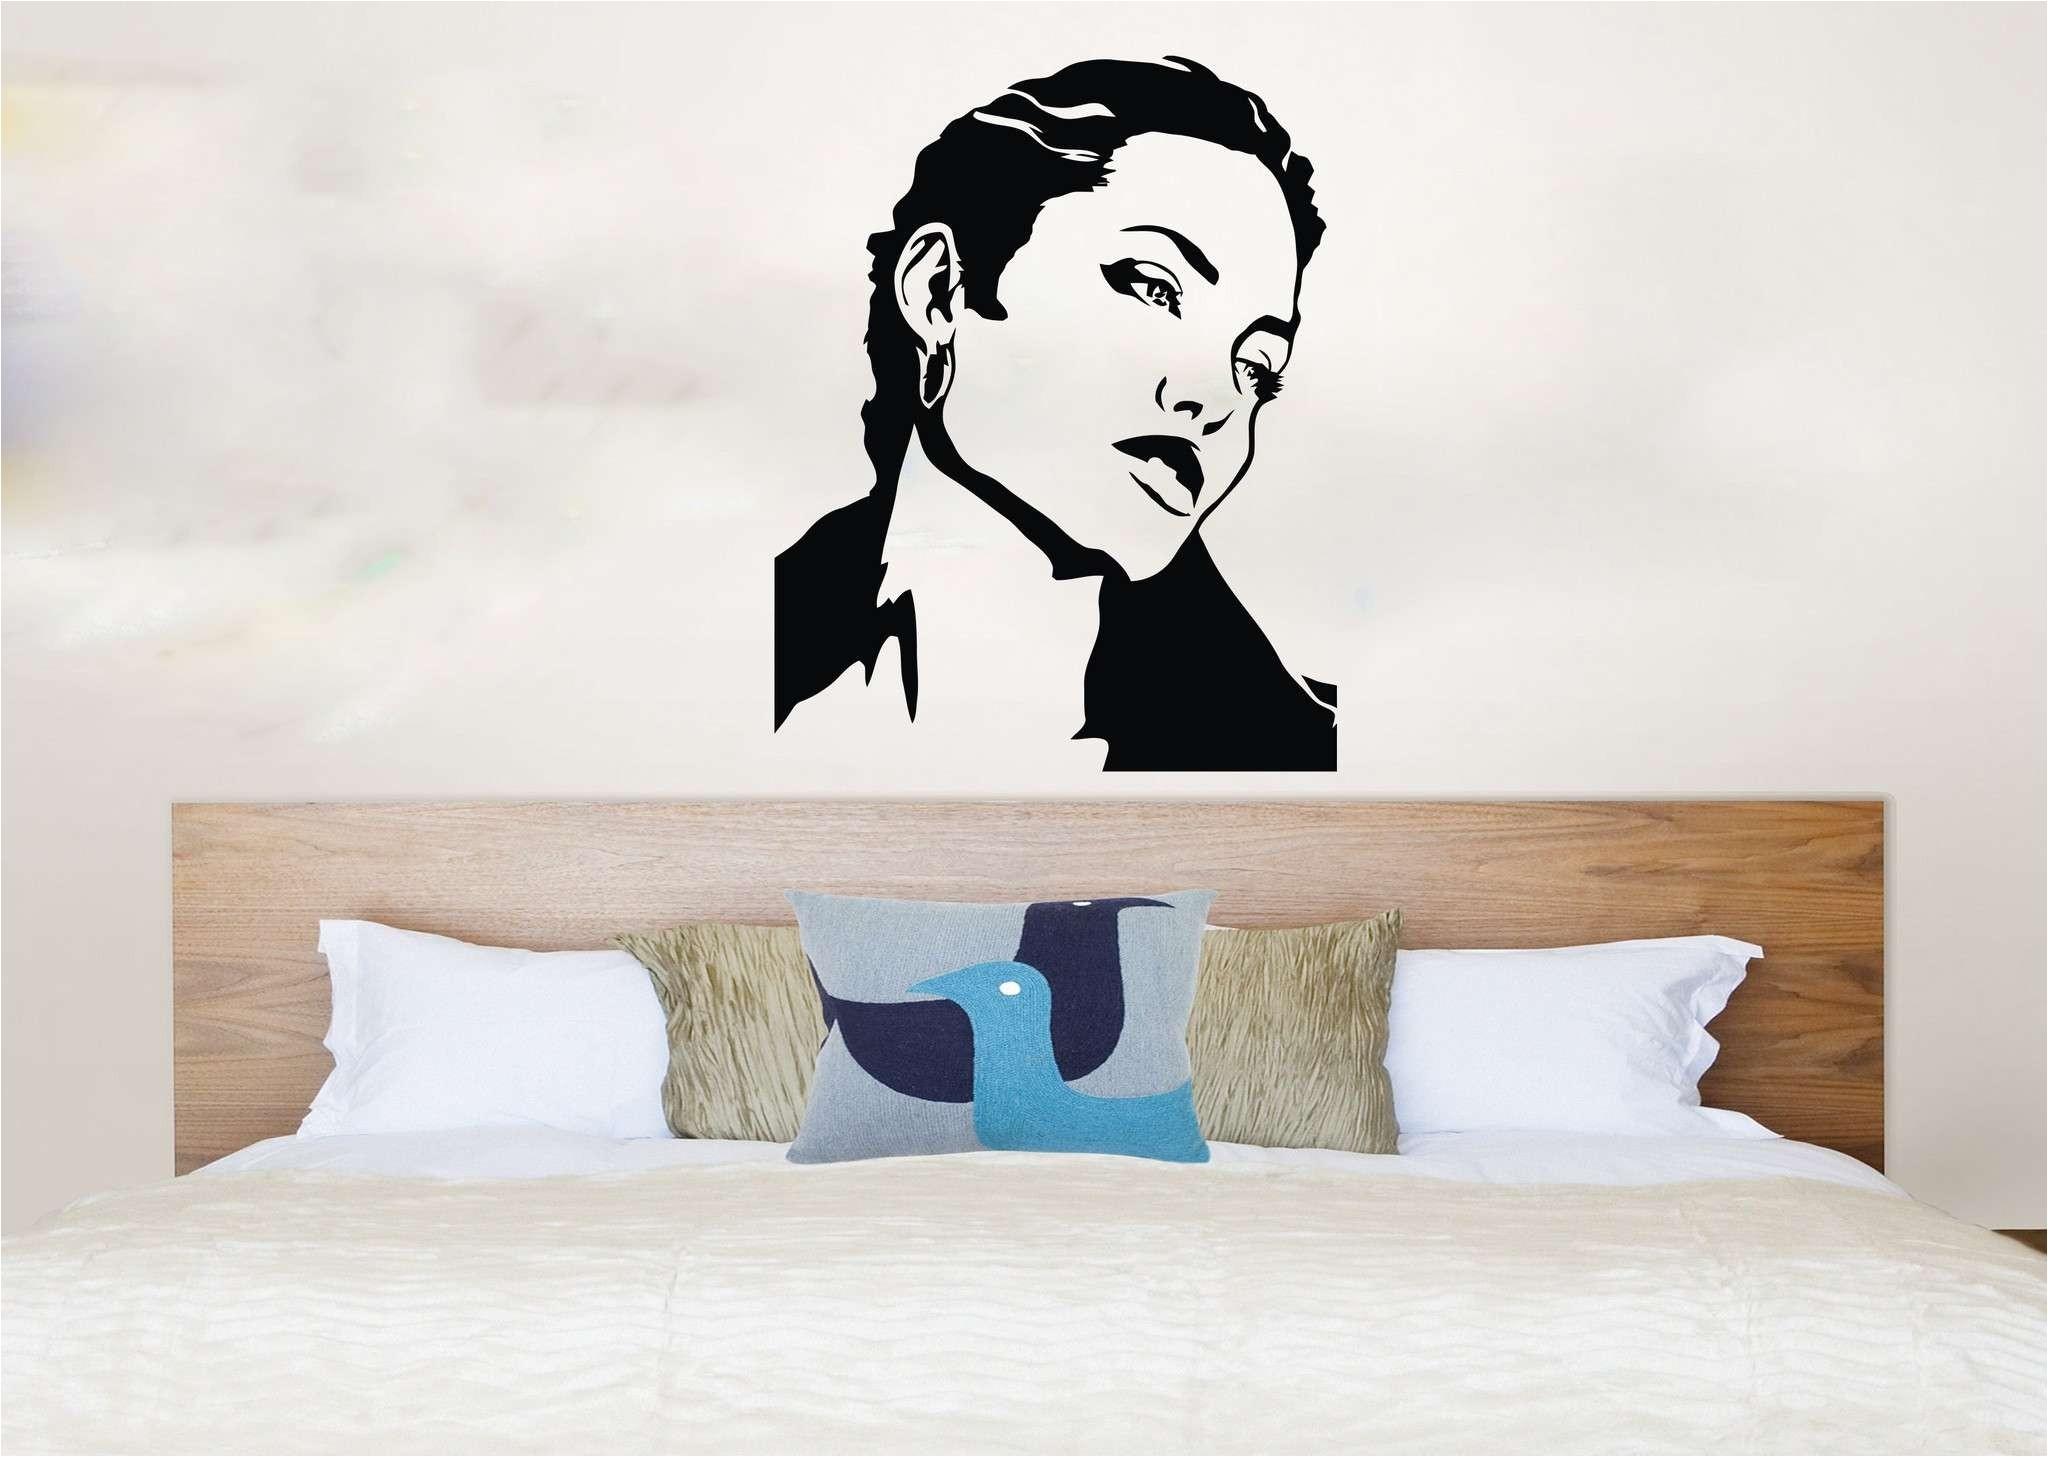 Bedroom Interior Design Bedroom Ideas Inspirationa Wall Decals for Bedroom Unique 1 Kirkland